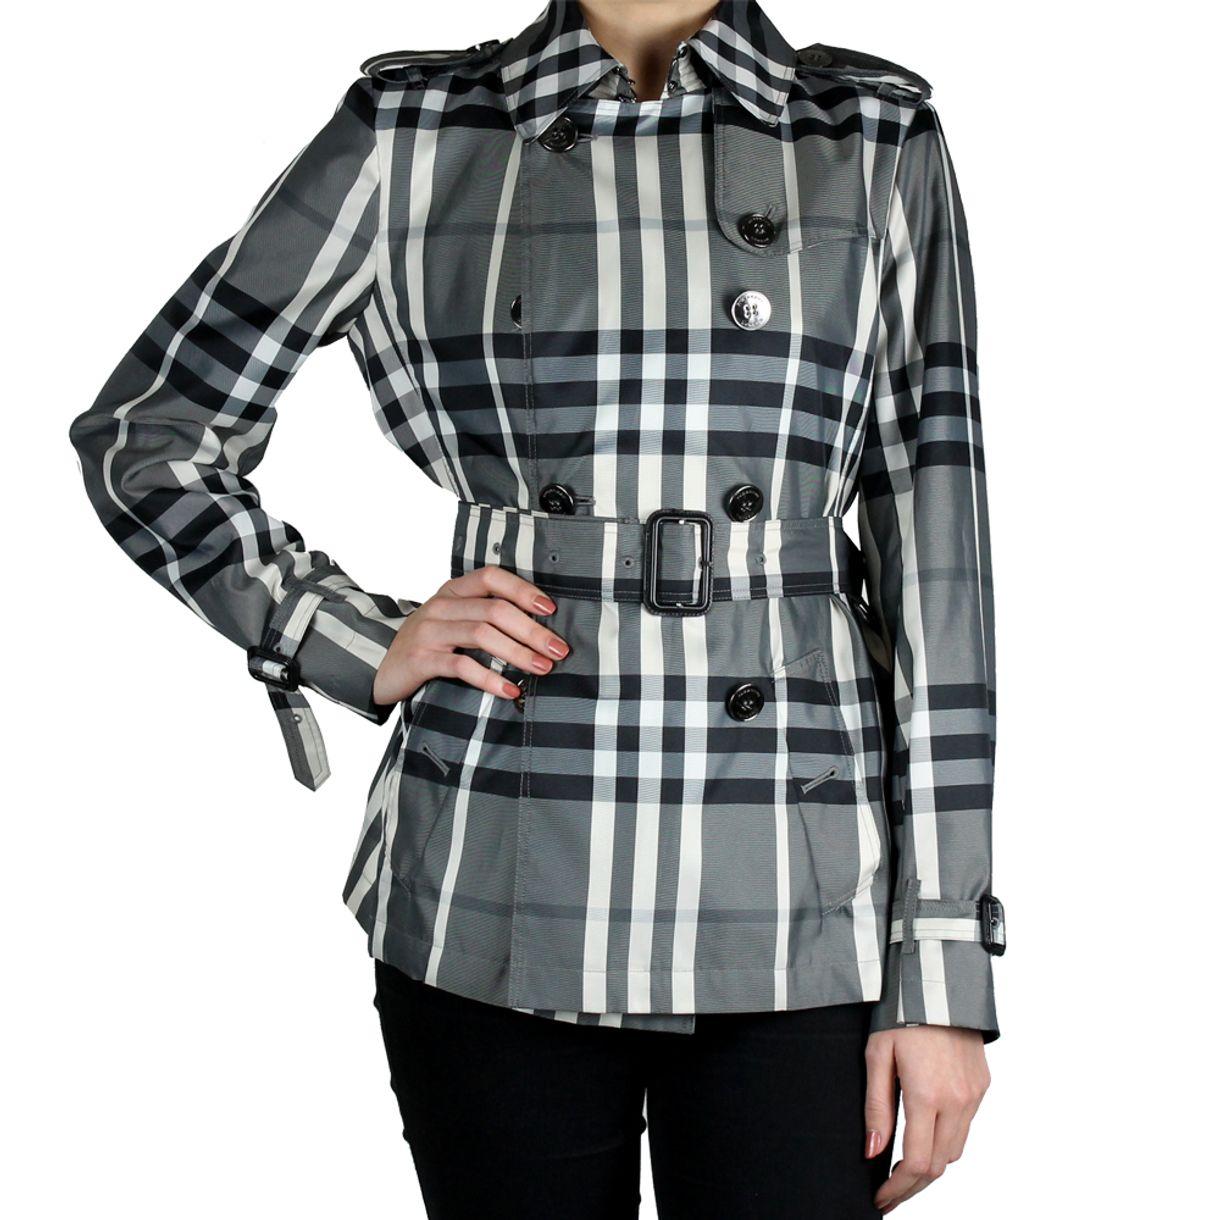 8407-trench-coat-burberry-xadrez-preto-1